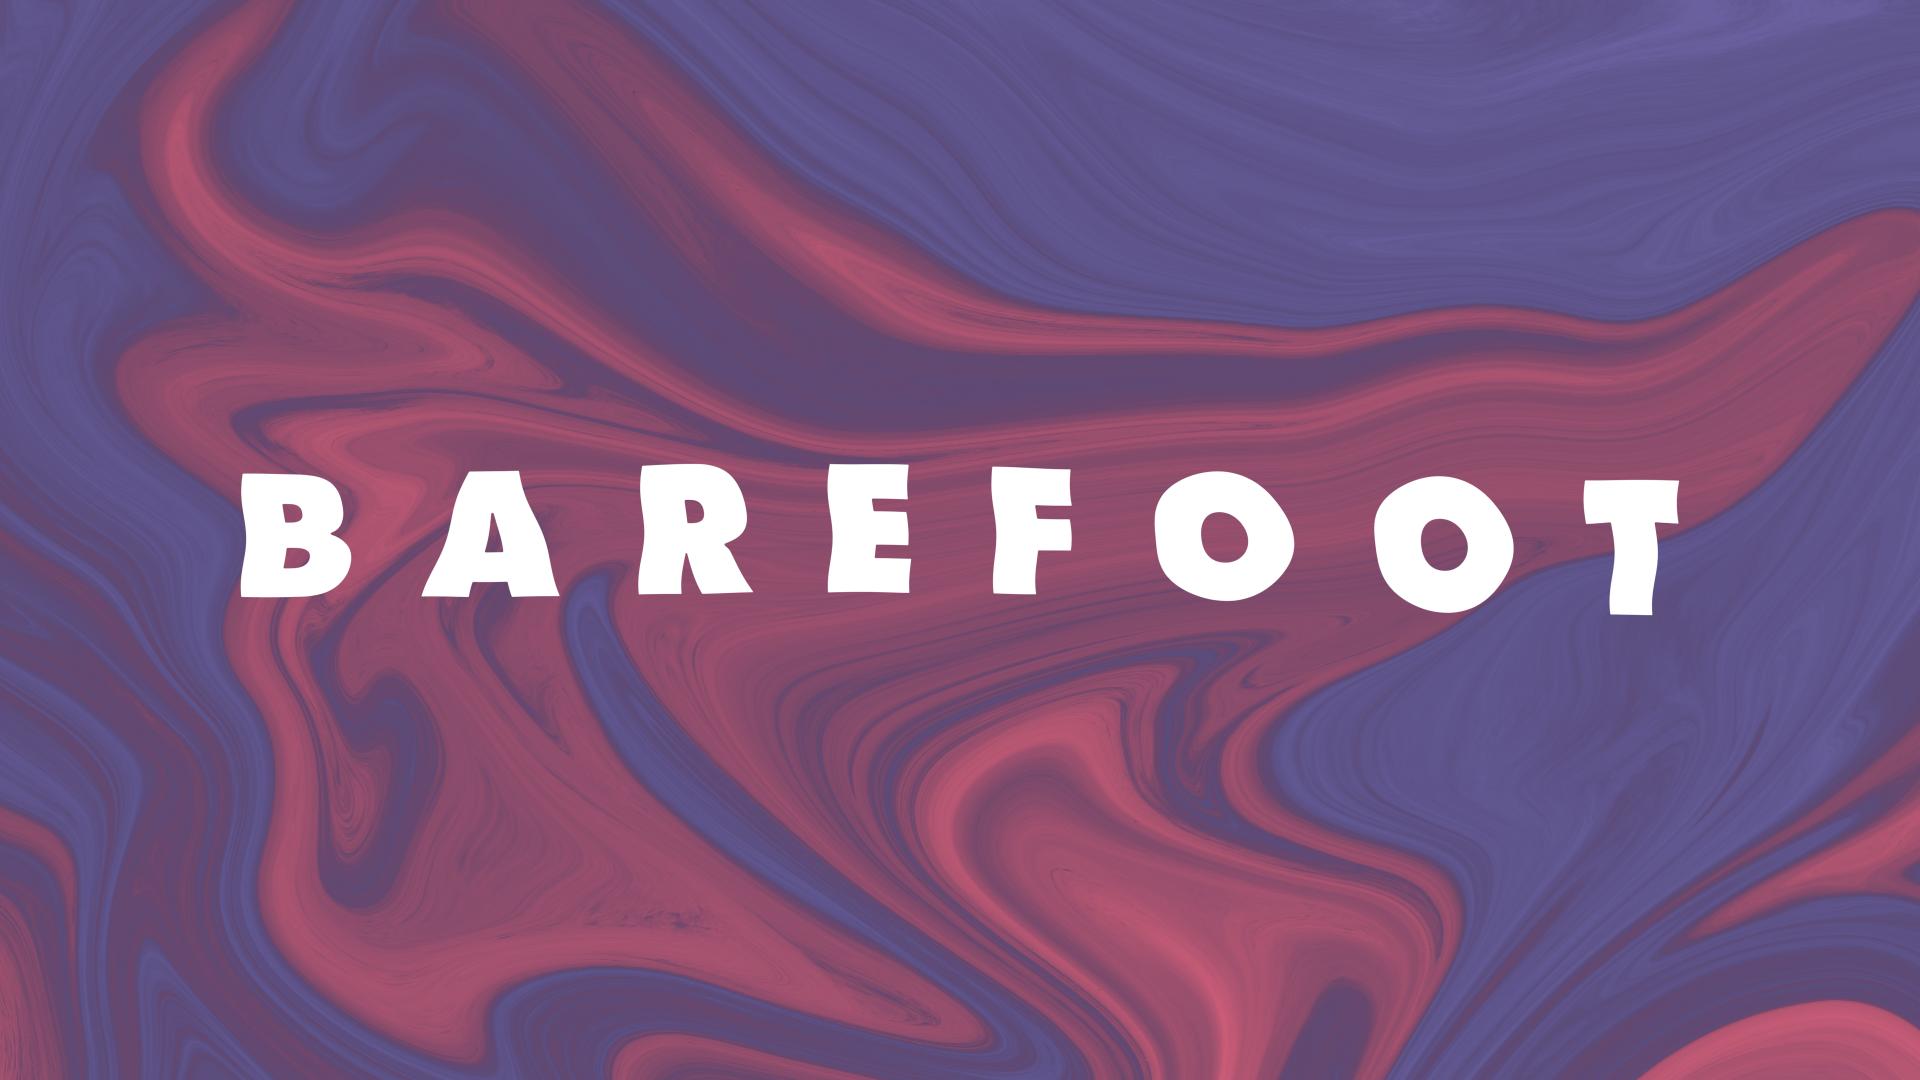 BAREFOOT LOGO texture wordmark 1.png